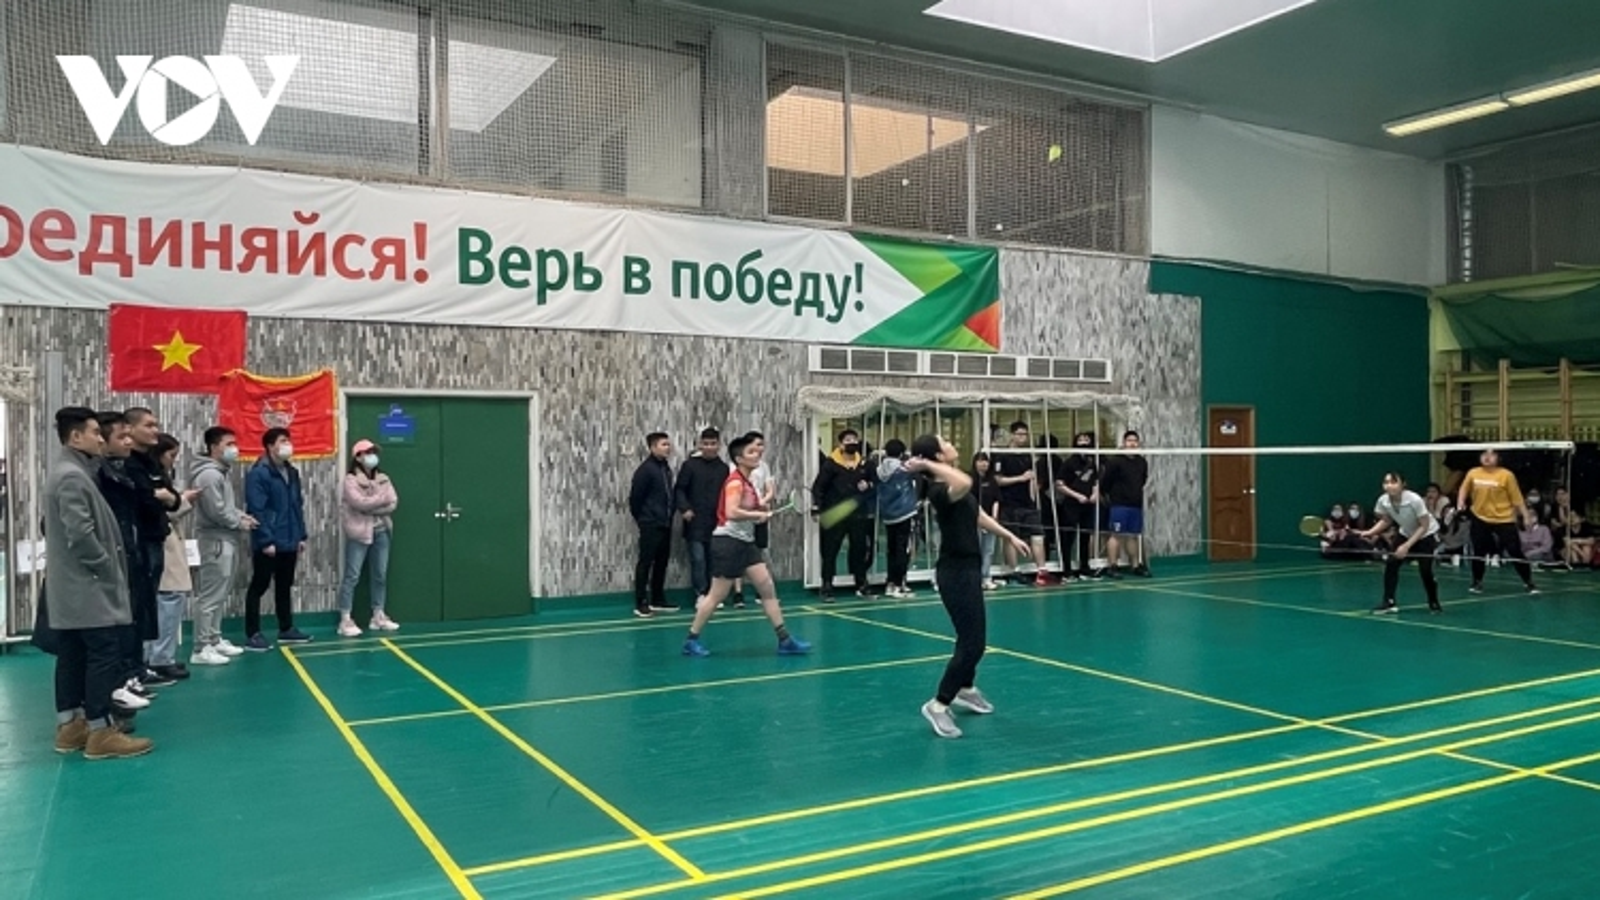 Sinh viên Việt Nam tại Nga tổ chức giải cầu lông chào mừng 90 nămthành lập Đoàn TNCS HCM